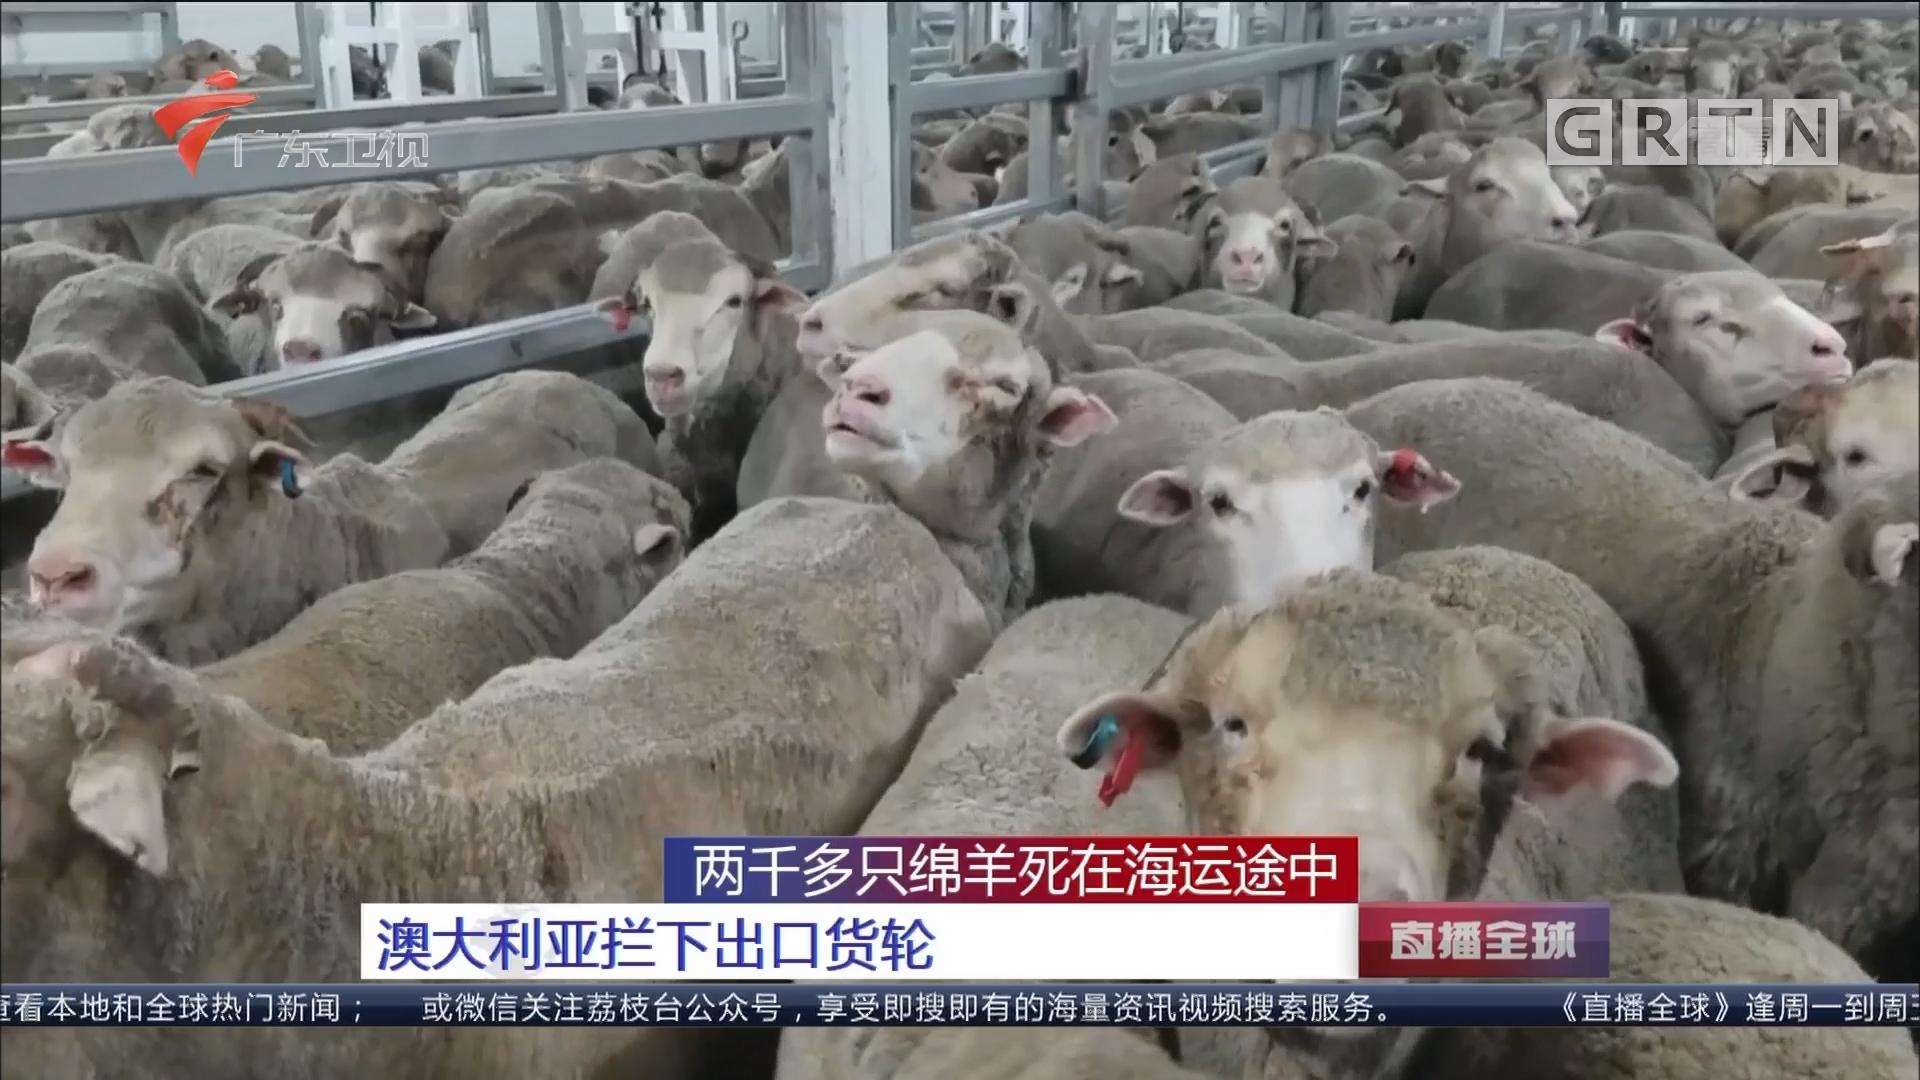 两千多只绵羊死在海运途中:澳大利亚拦下出口货轮